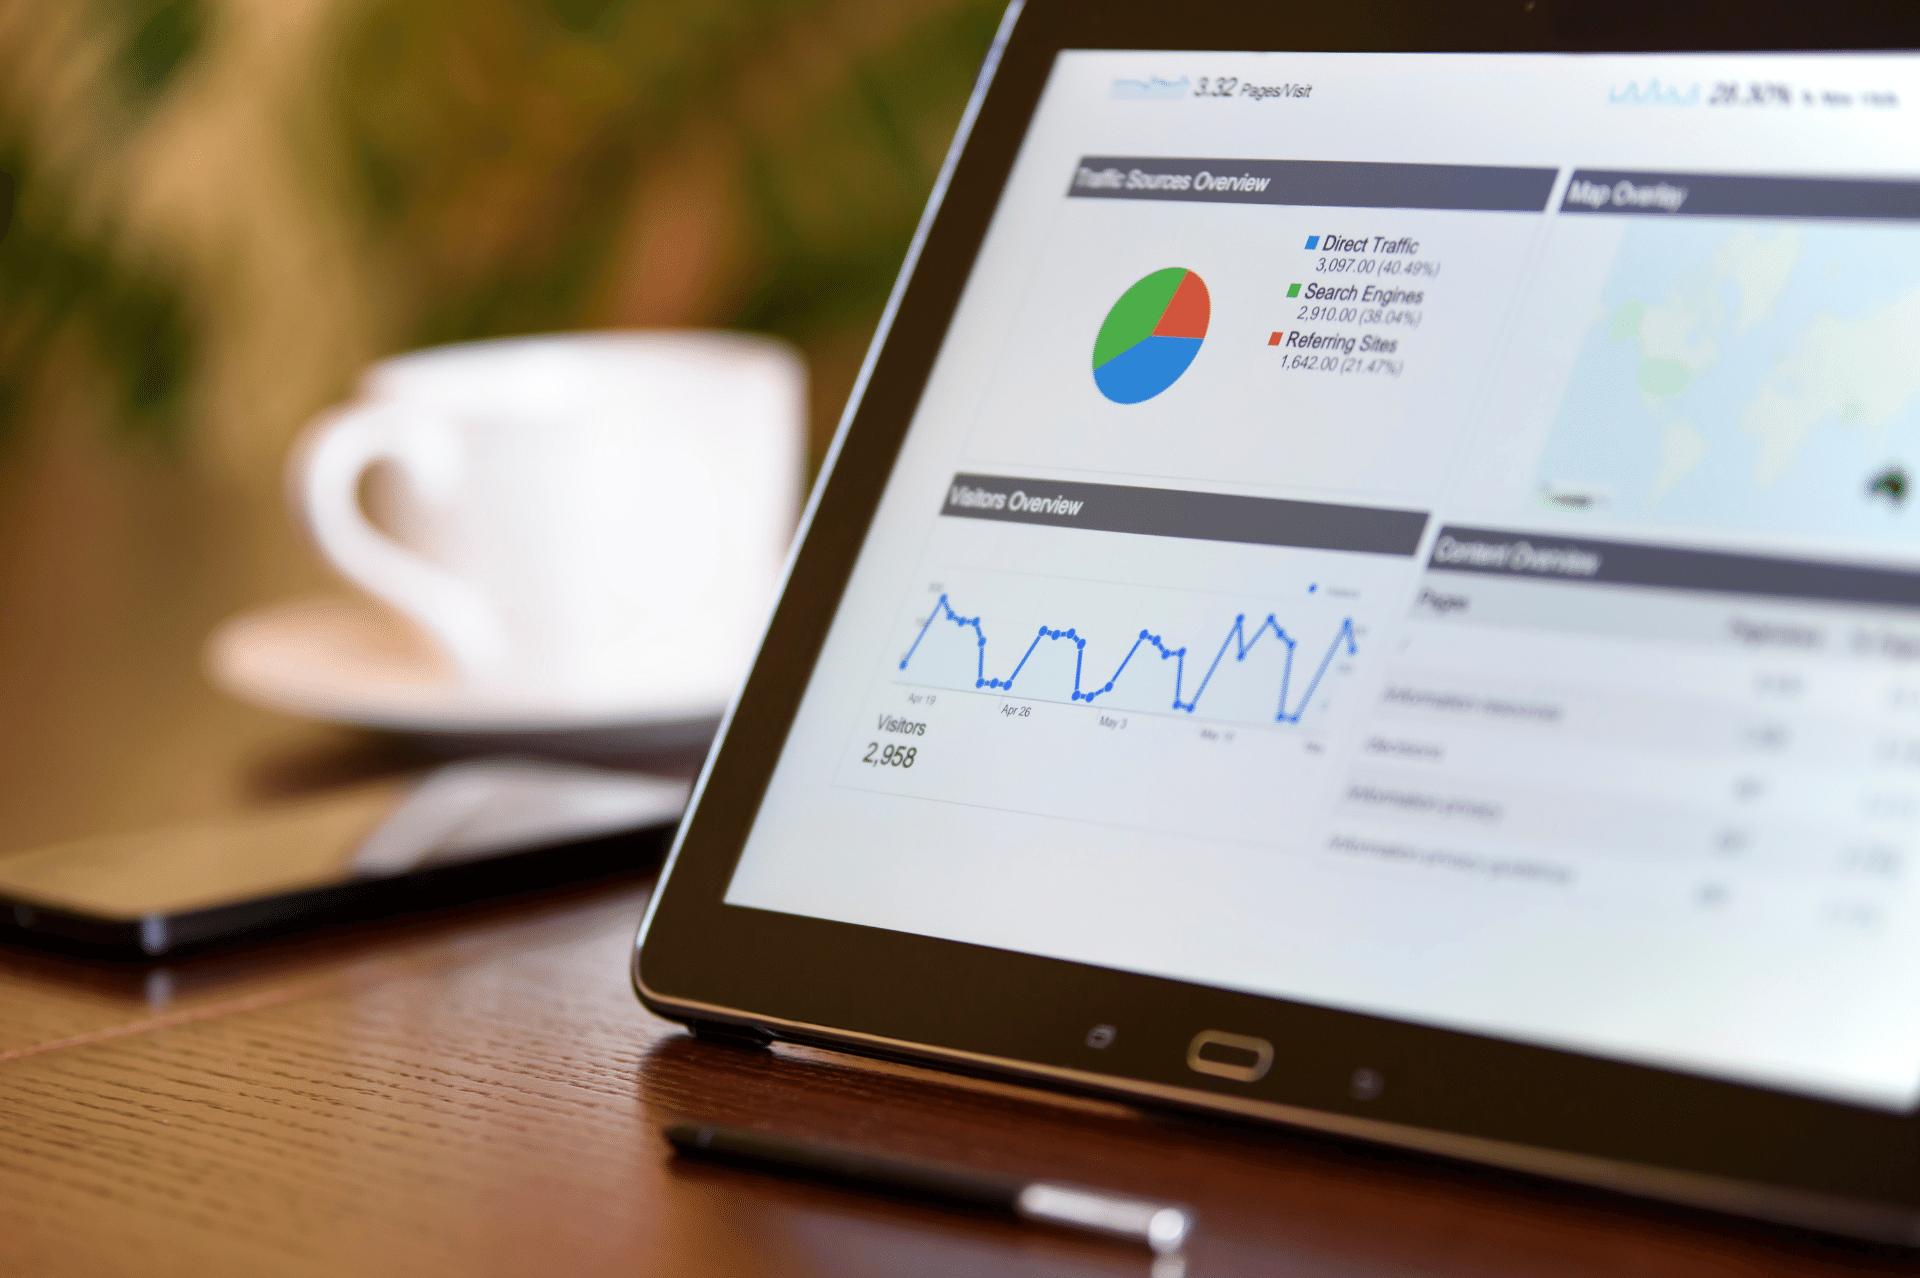 google analytics on an ipad